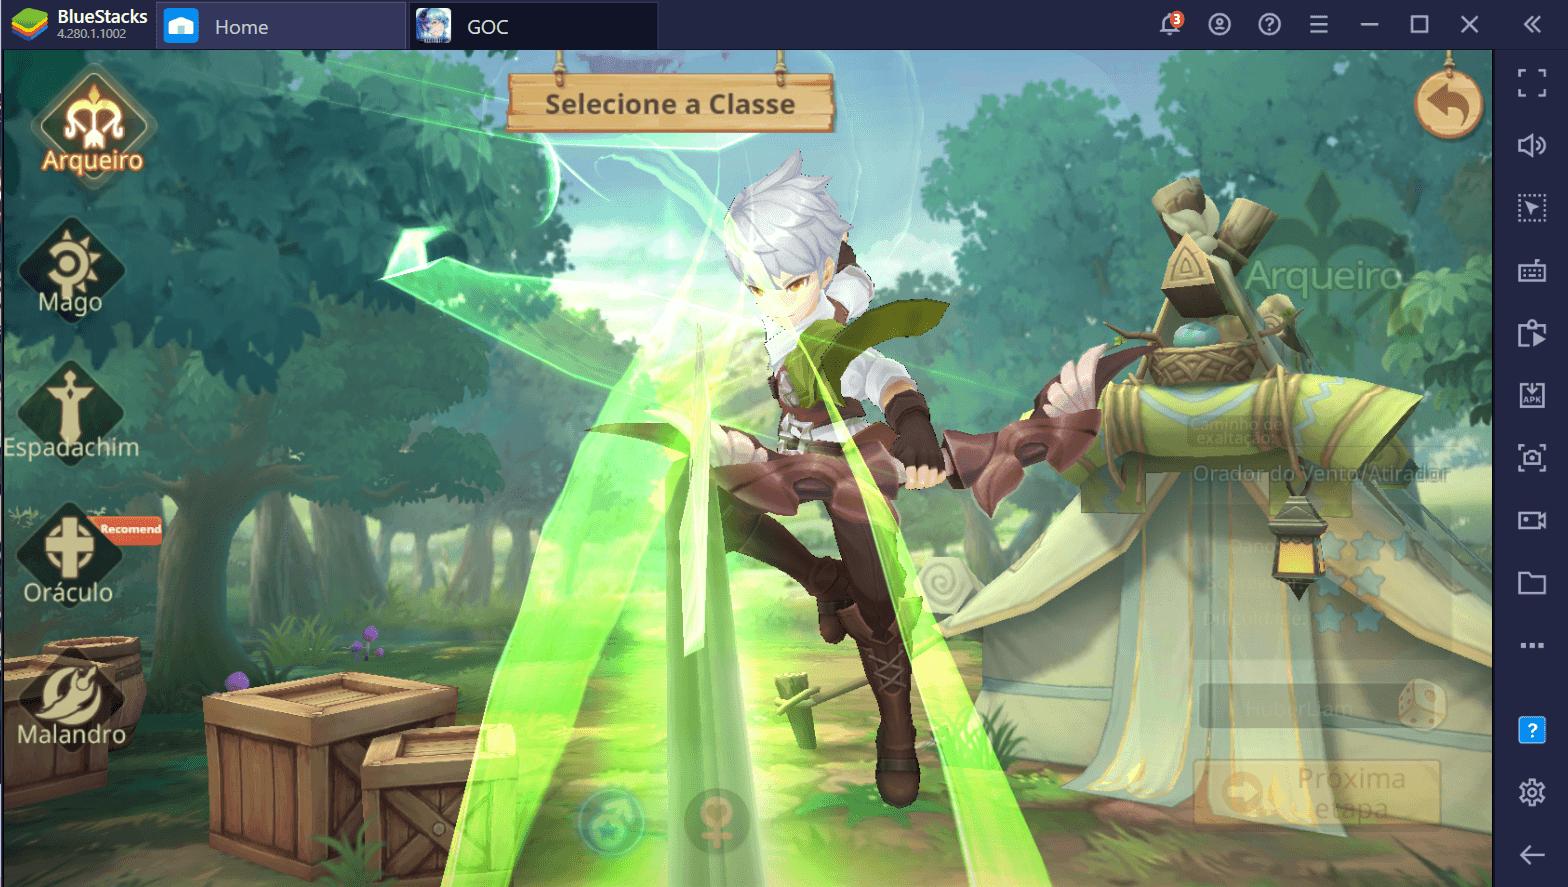 Guia de Classes de Guardians of Cloudia – Qual a Melhor Classe para Você?